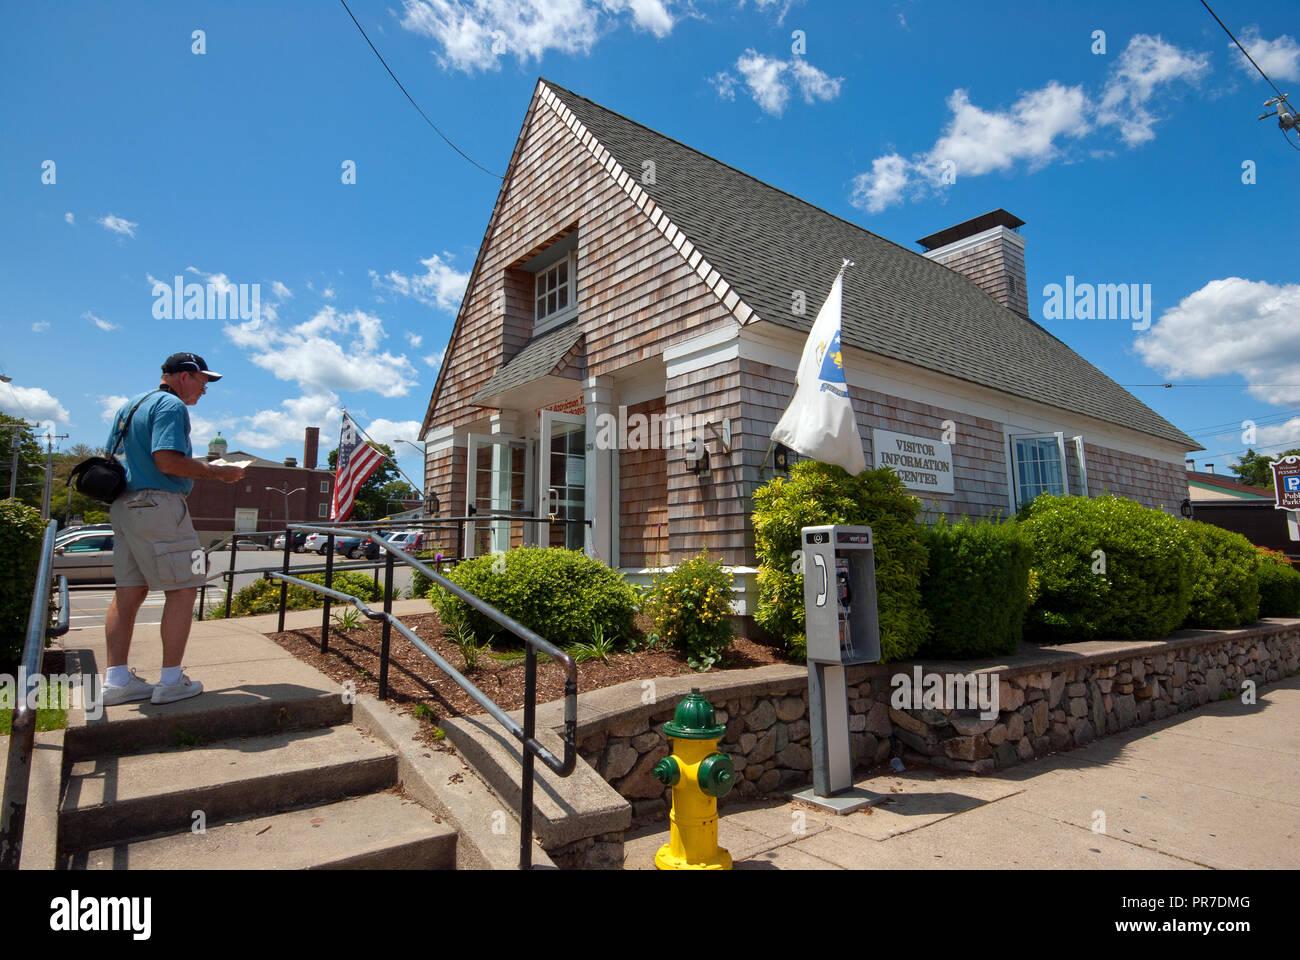 Centro Informazioni visitatori a Plymouth, Plymouth County, Massachusetts, STATI UNITI D'AMERICA Immagini Stock